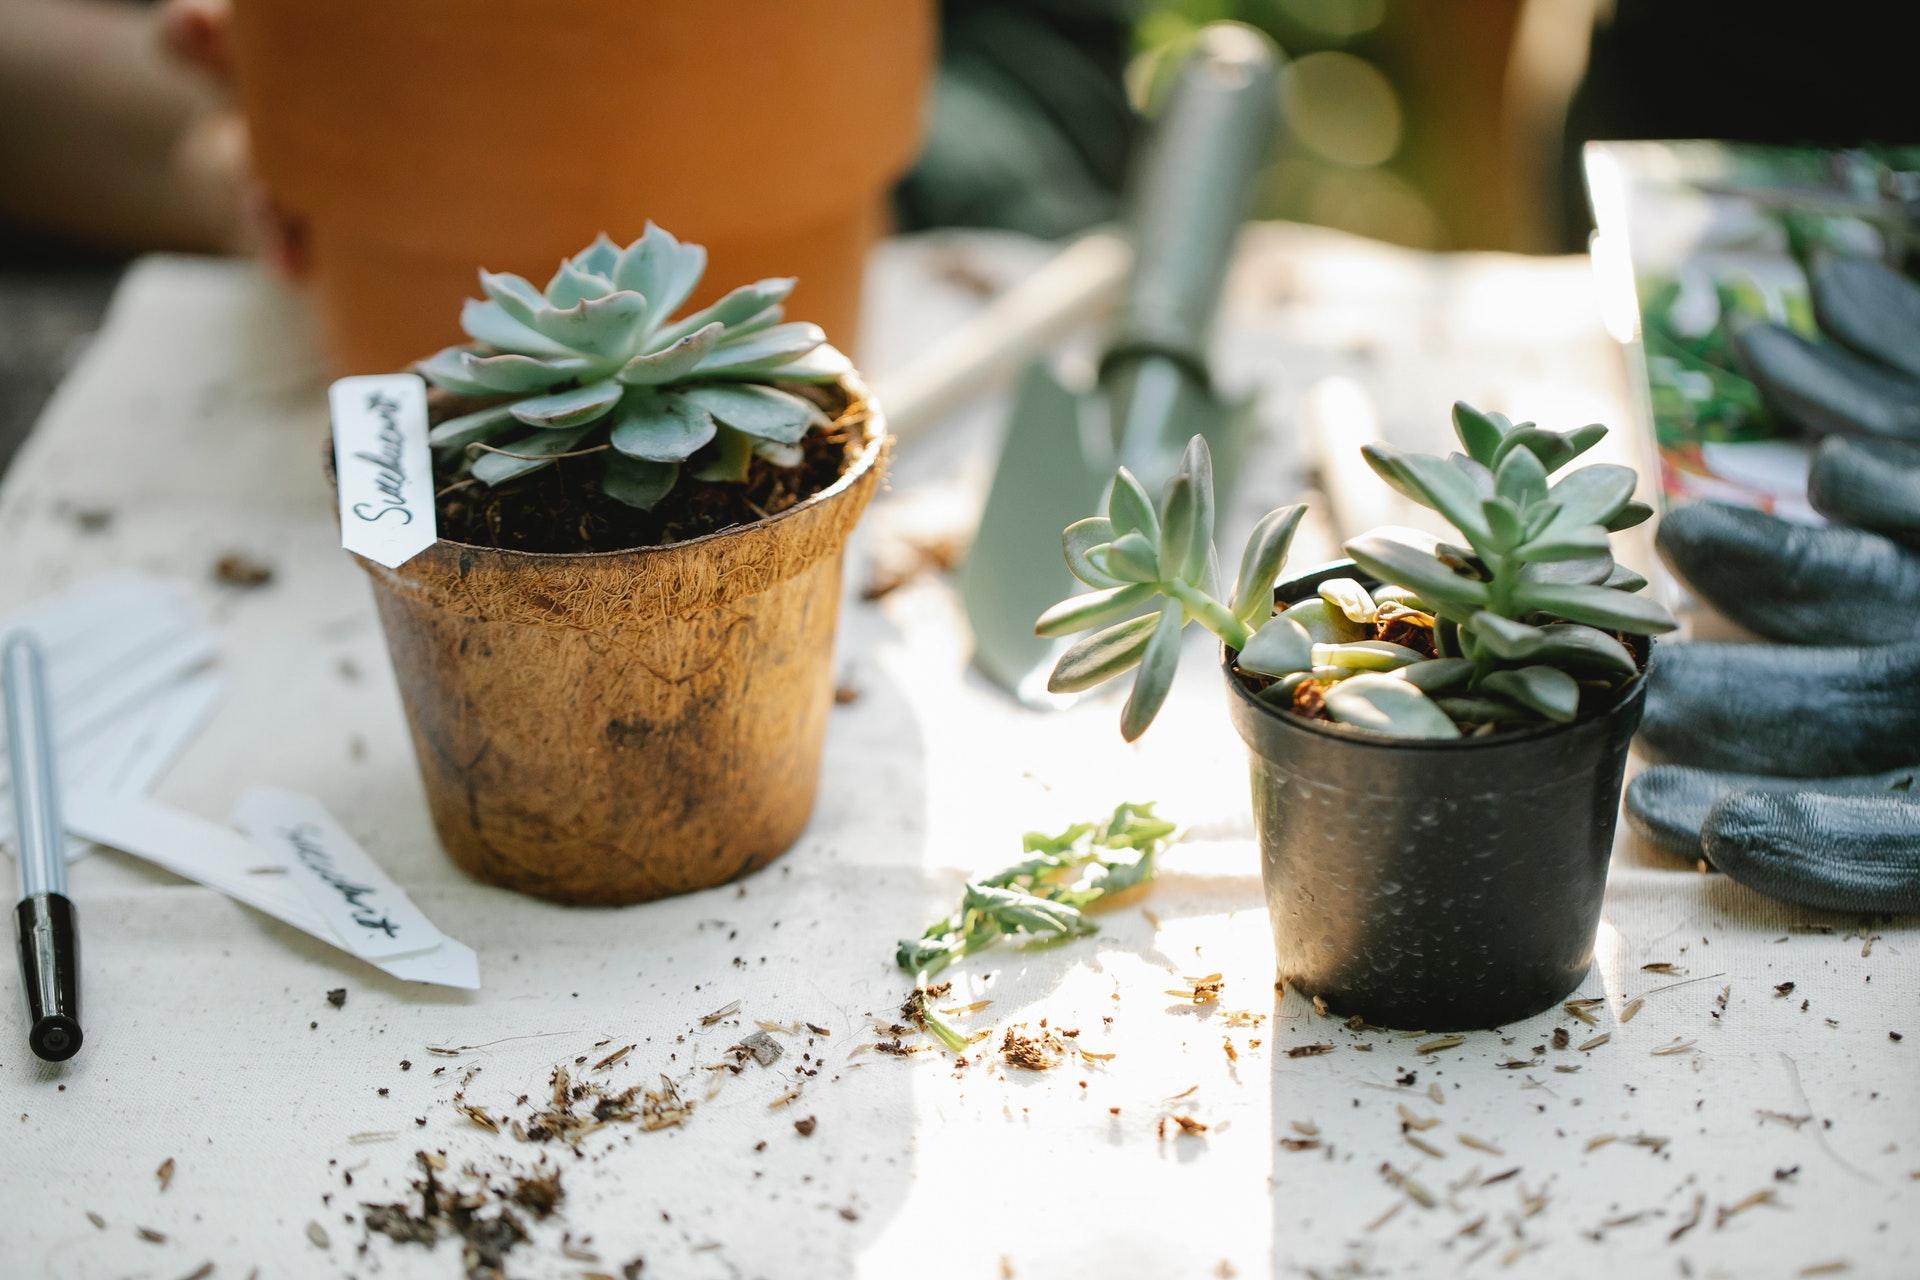 Otkrijte važnost uzgoja domaće hrane i način čuvanja sjemenja